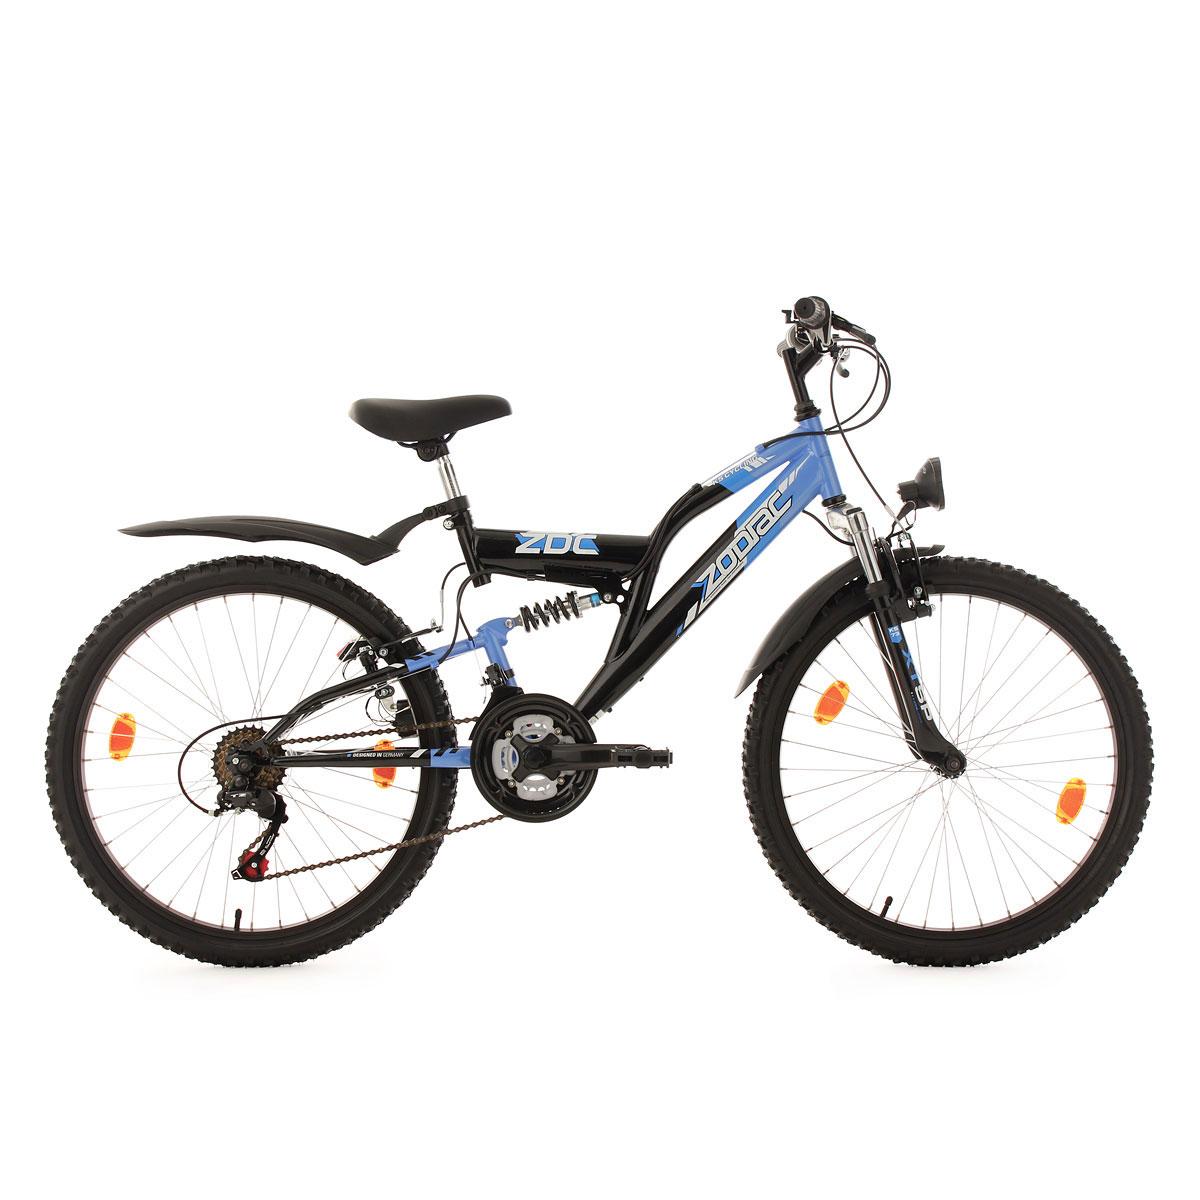 """KS Cycling Jugend-Mountainbike """"Zodiac"""", Fully, 24 Zoll, schwarz schwarz-blau   24 Zoll"""